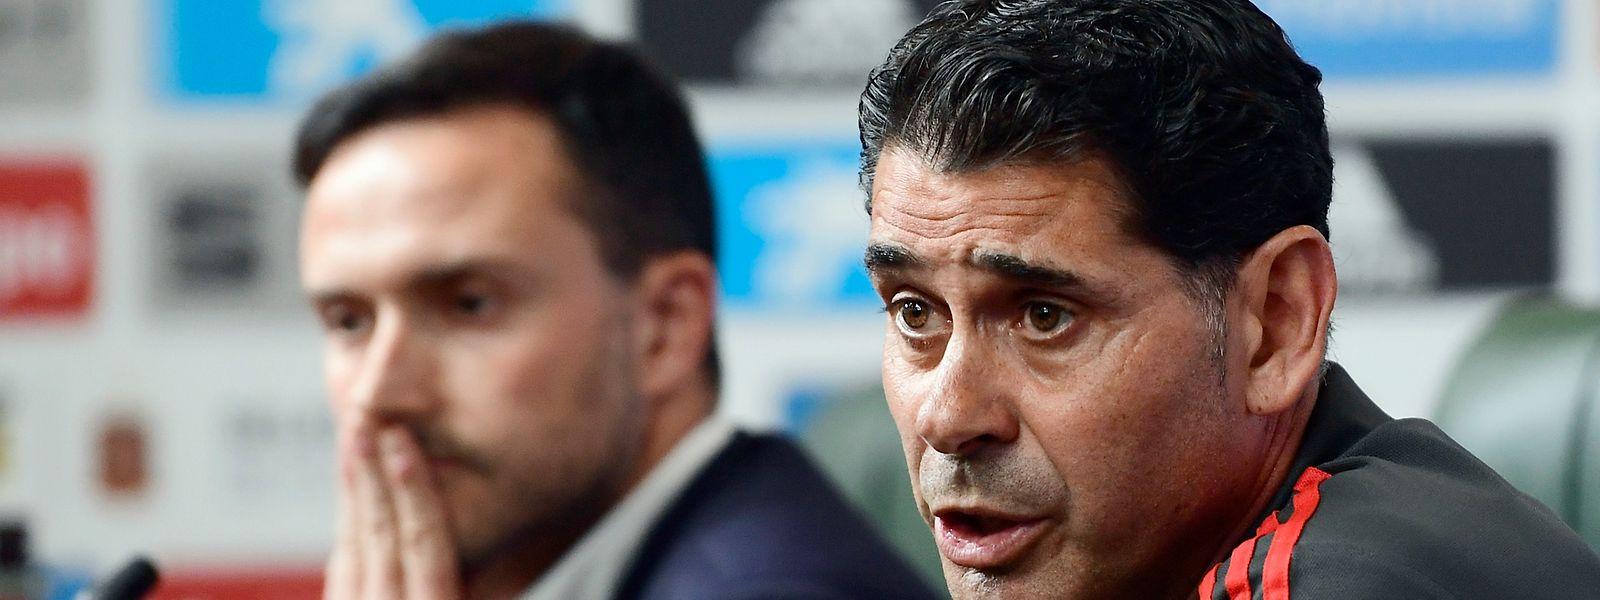 """De acordo com o ex-jogador do Real Madrid, """"o que sucedeu não é justificação para não lutarmos pelo objetivo que trouxemos, lutar pelo mundial""""."""